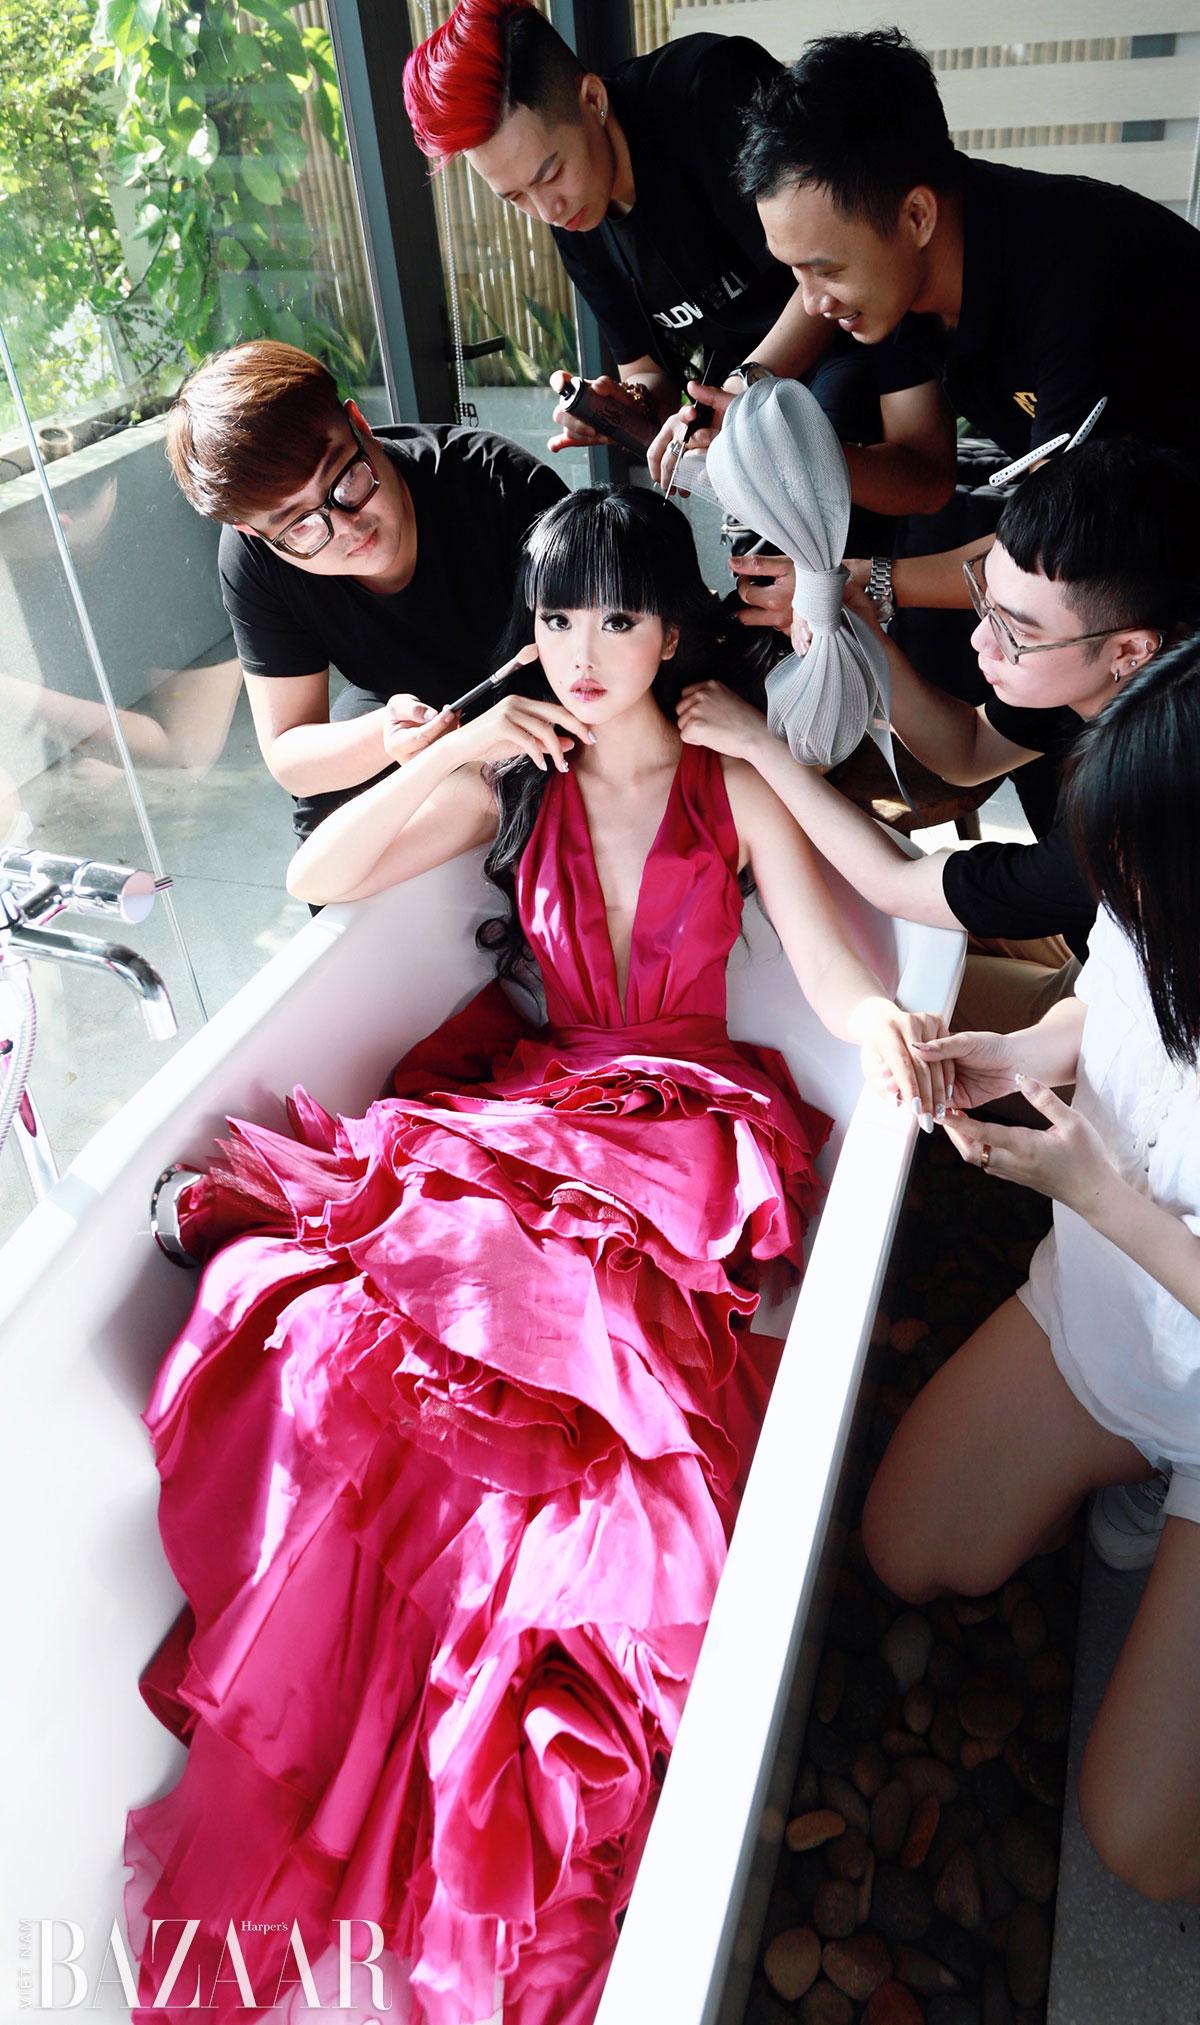 Jessica Minh Anh chơi nổi với mái tóc highlight bạc tại tiệc Harper's Bazaar 2